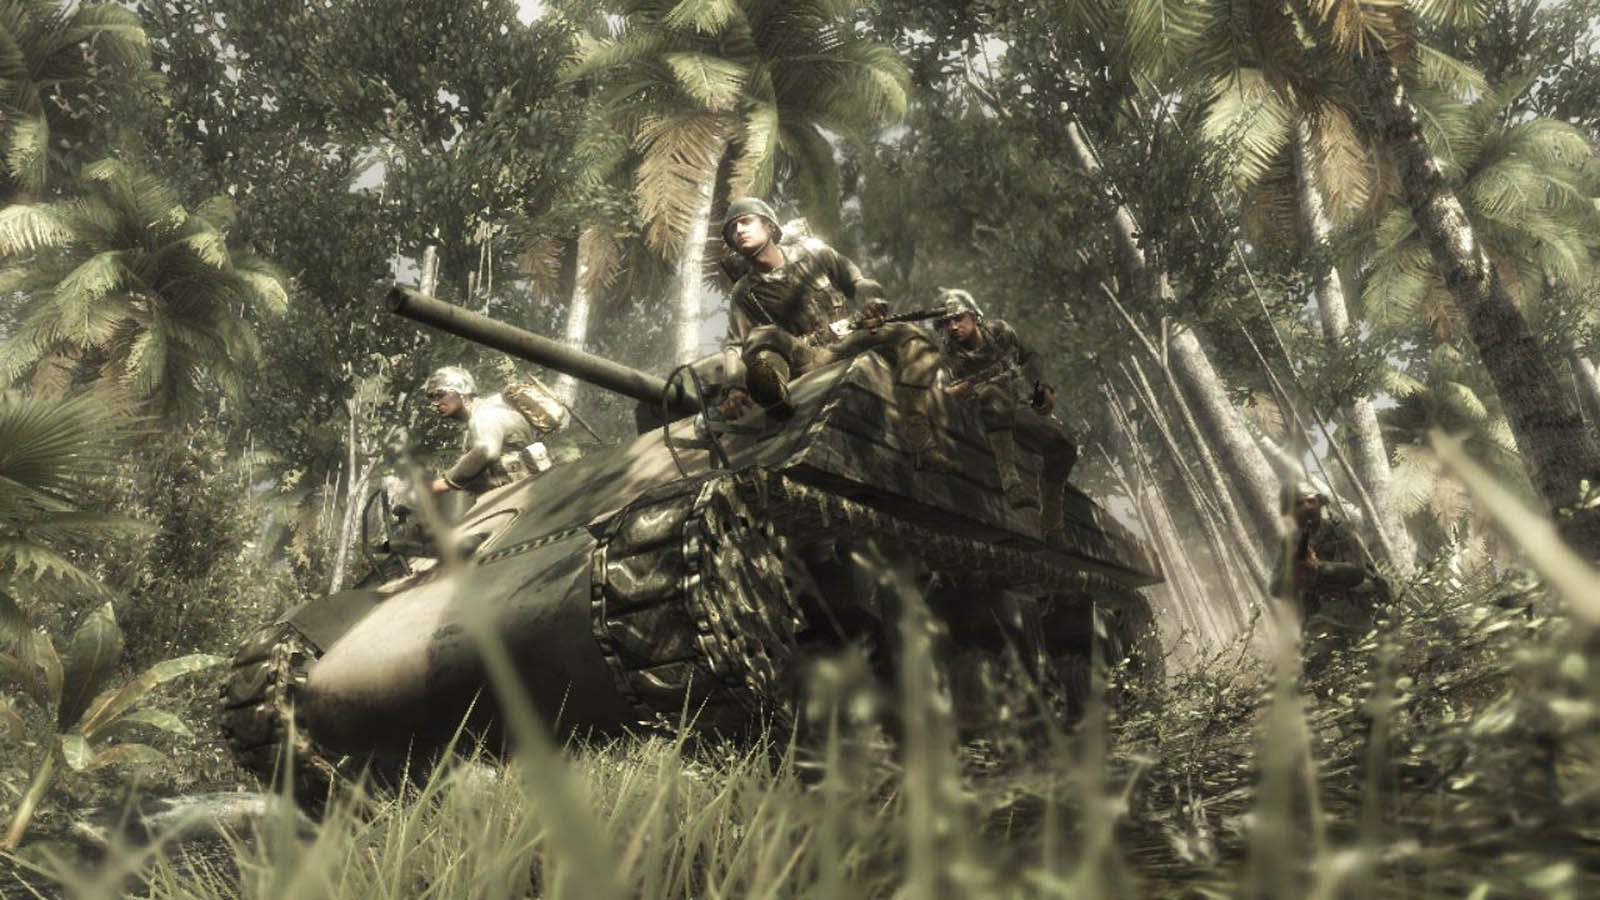 تحميل لعبة Call Of Duty 5 World At War مضغوطة كاملة بروابط مباشرة مجانا